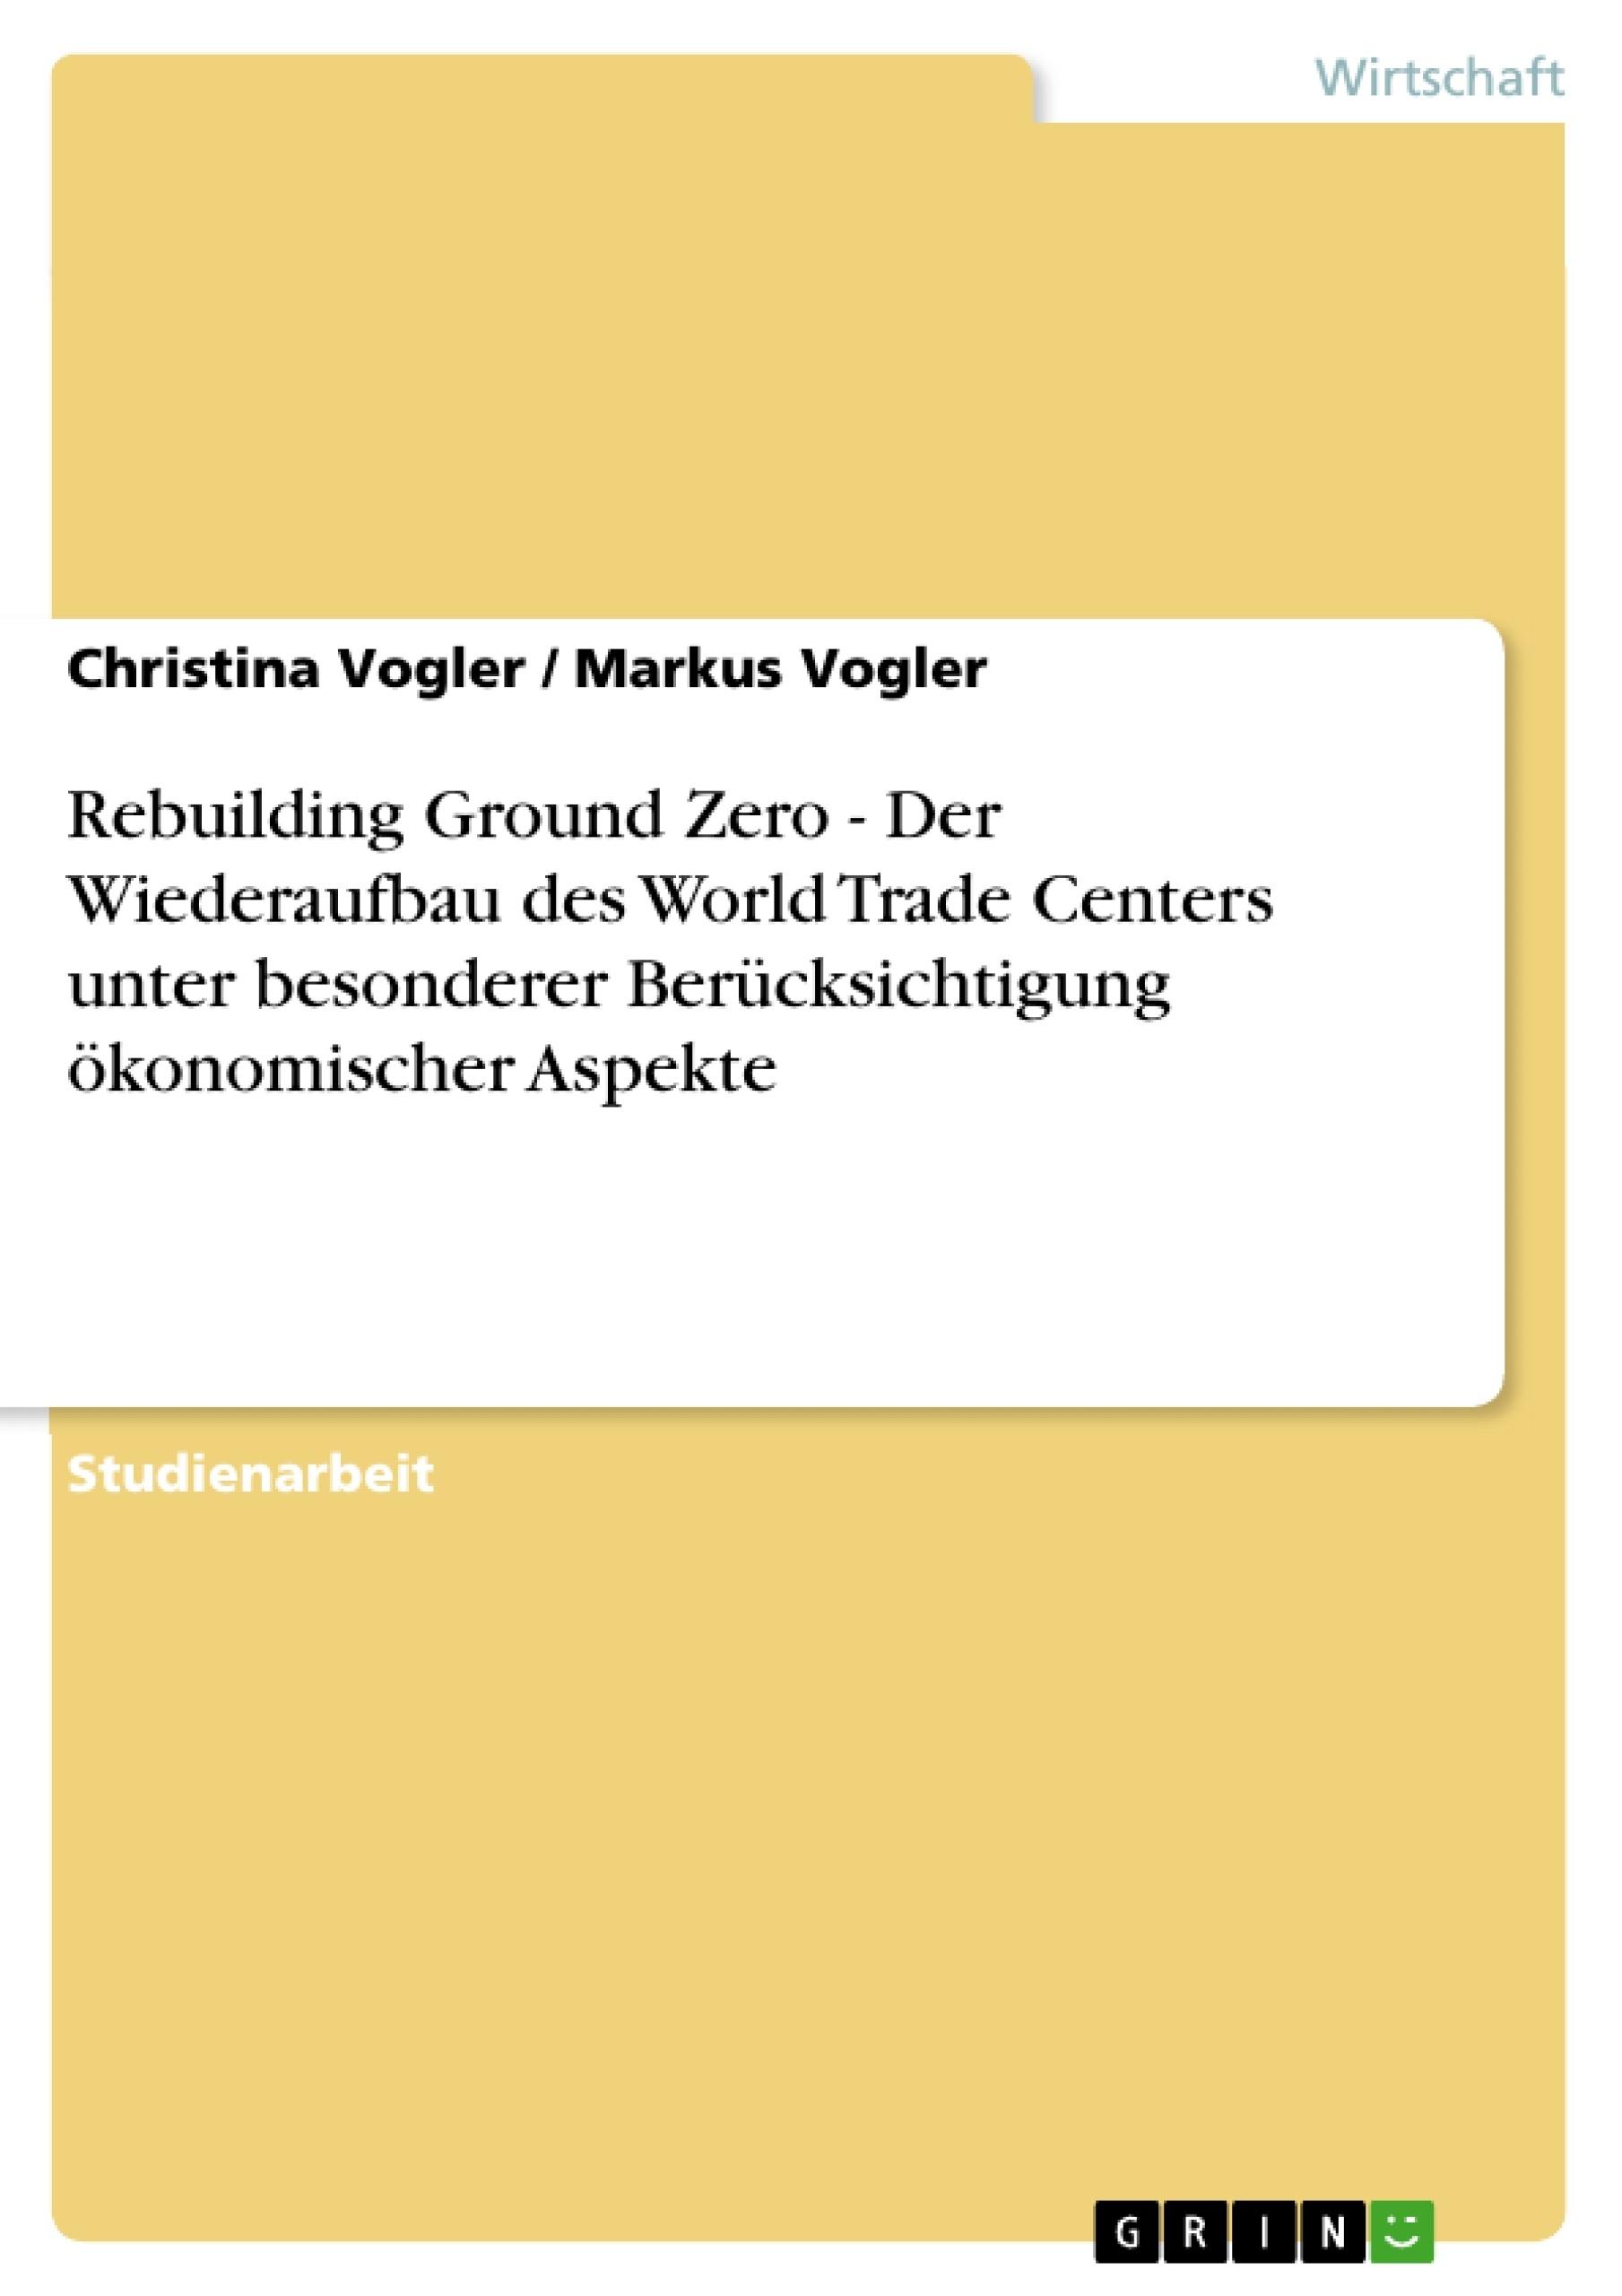 Titel: Rebuilding Ground Zero - Der Wiederaufbau des World Trade Centers unter besonderer Berücksichtigung ökonomischer Aspekte